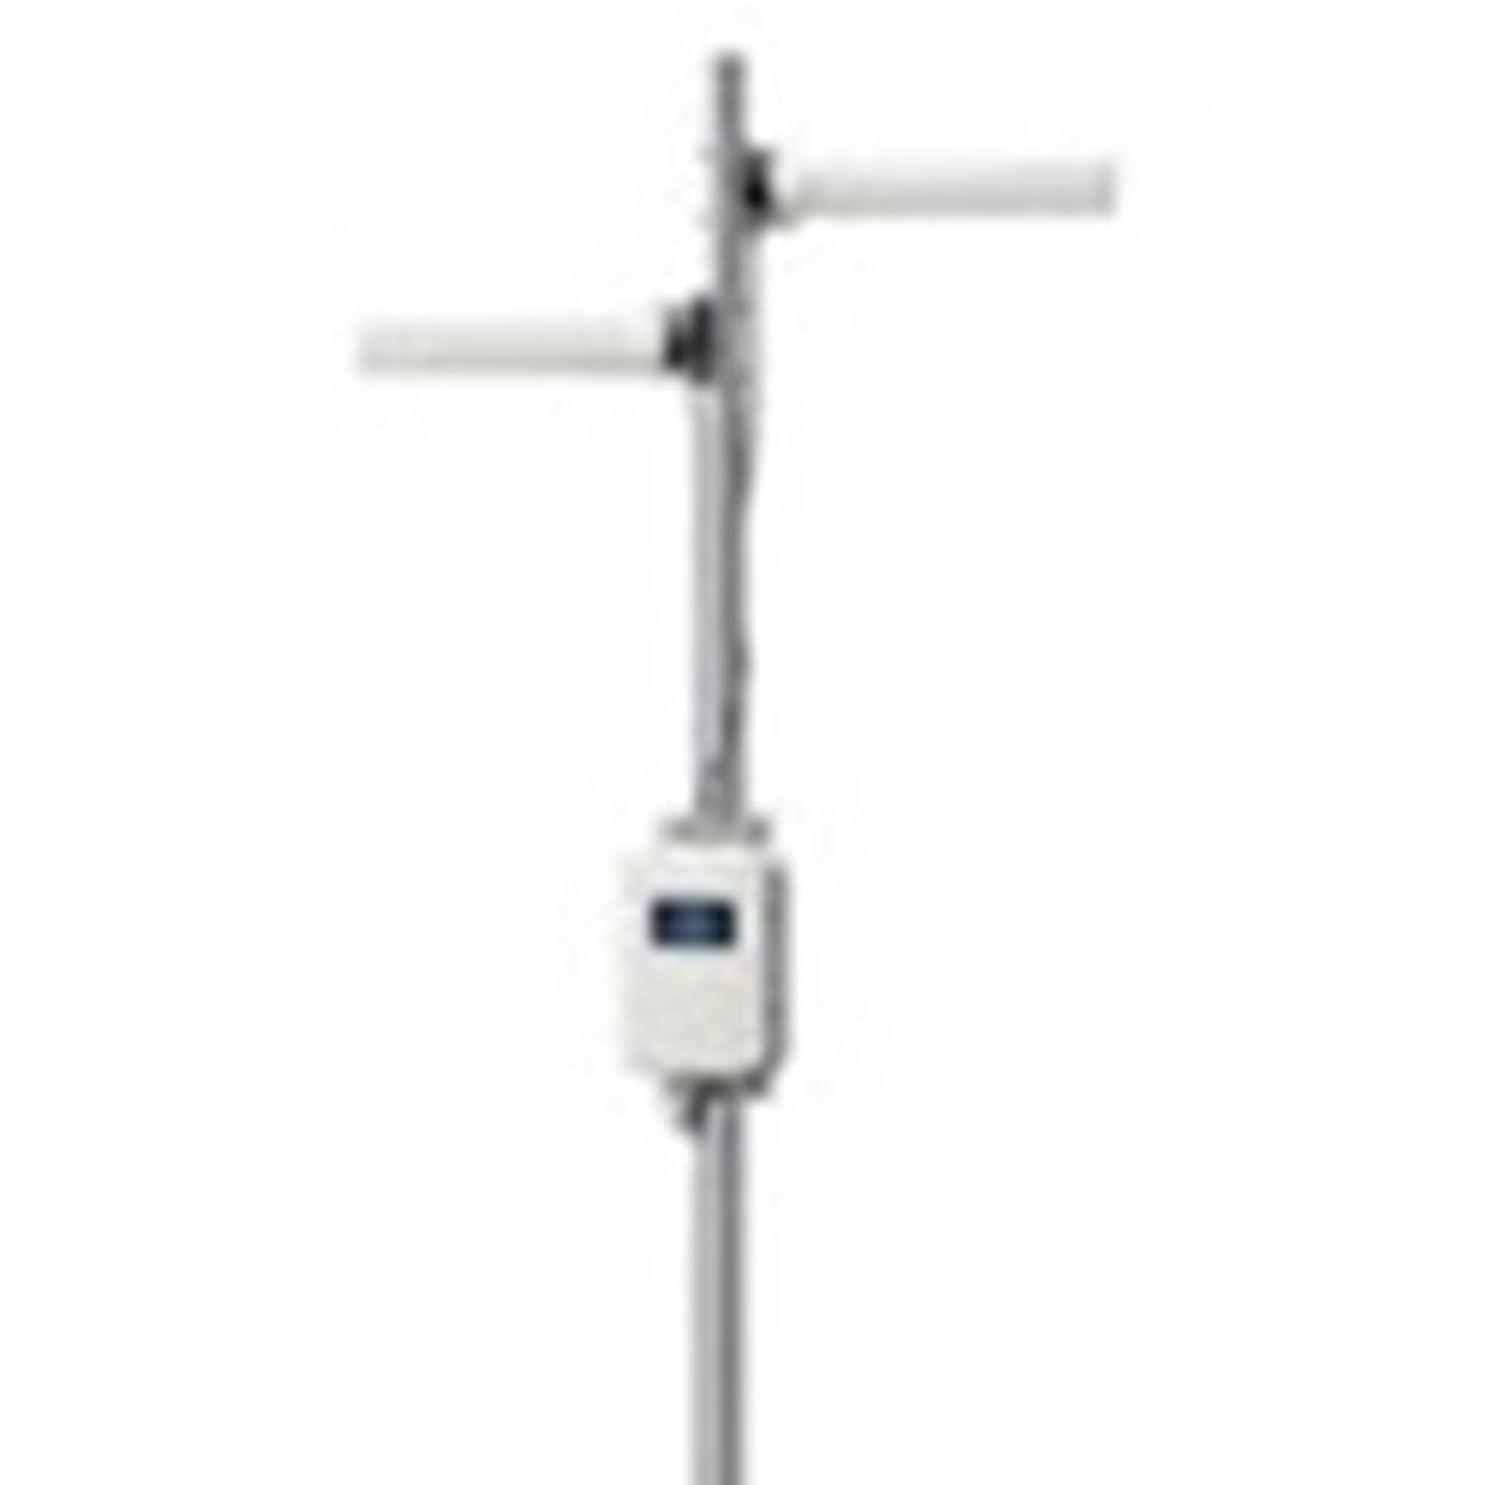 スリル本質的ではない説明的アイコム ビル間無線通信ユニット 2.4GHz?54Mbps LVA アンテナ別売 SB-5100